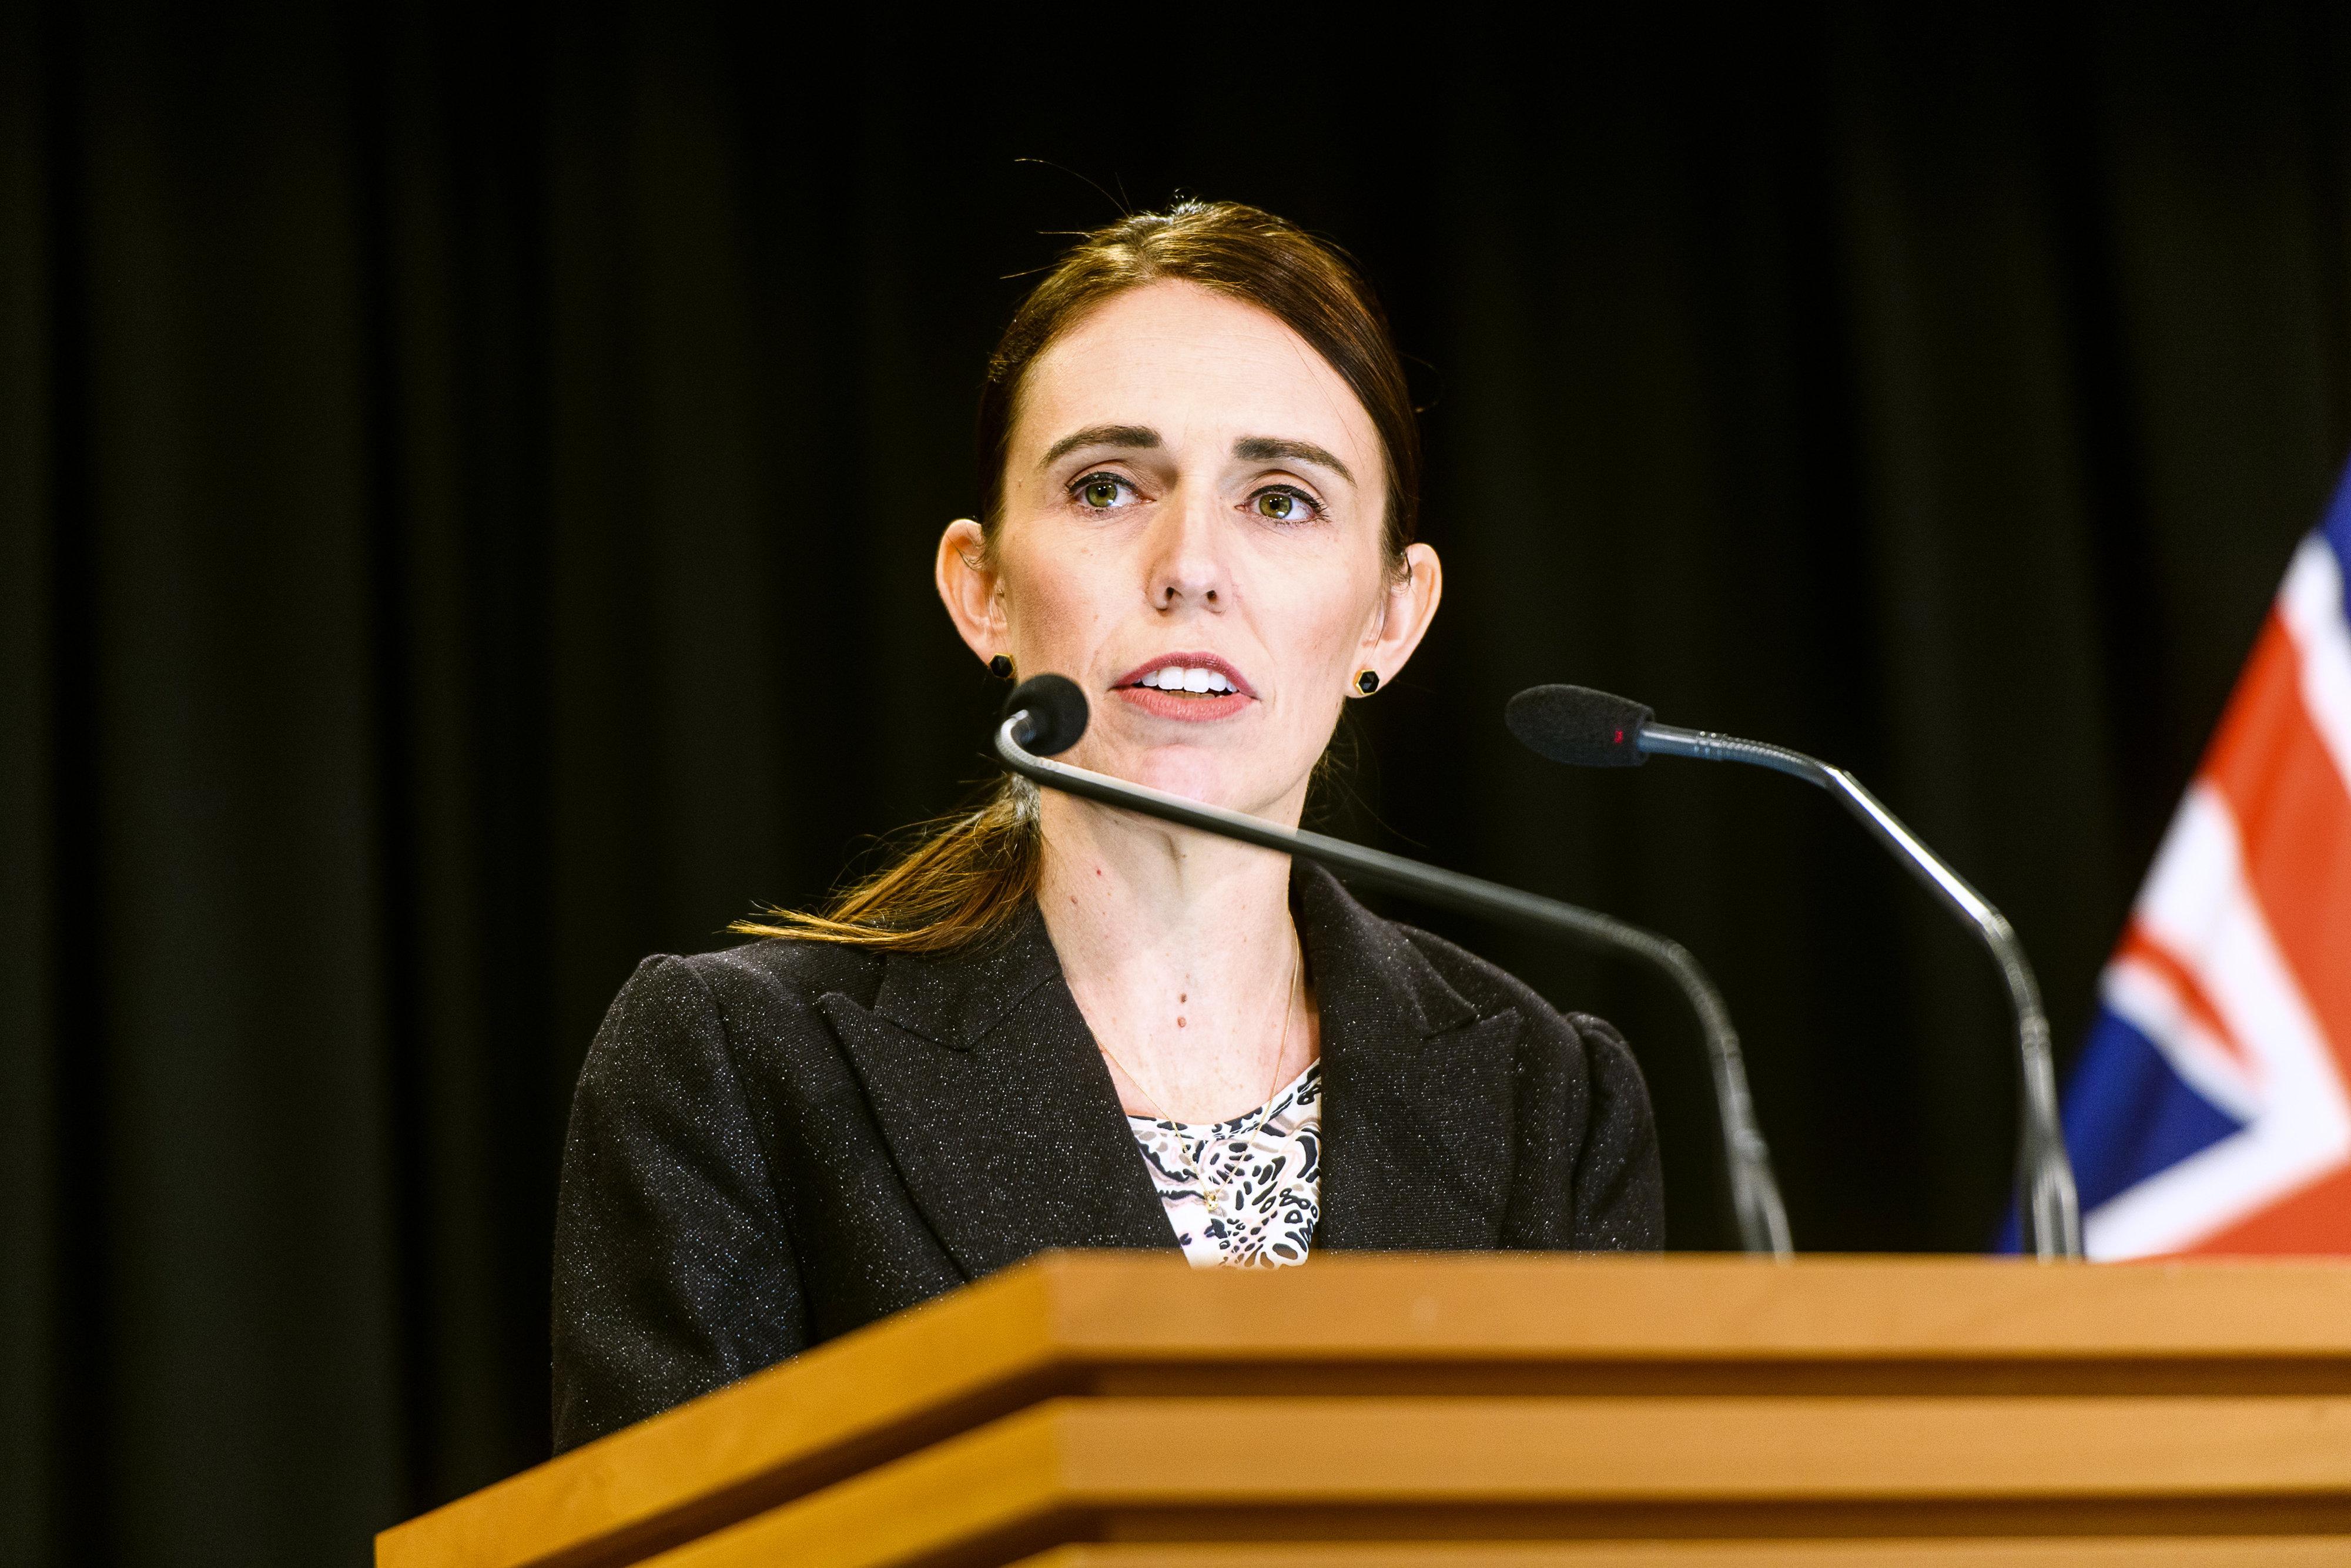 뉴질랜드 저신다 아던 총리가 총기 규제 조치를